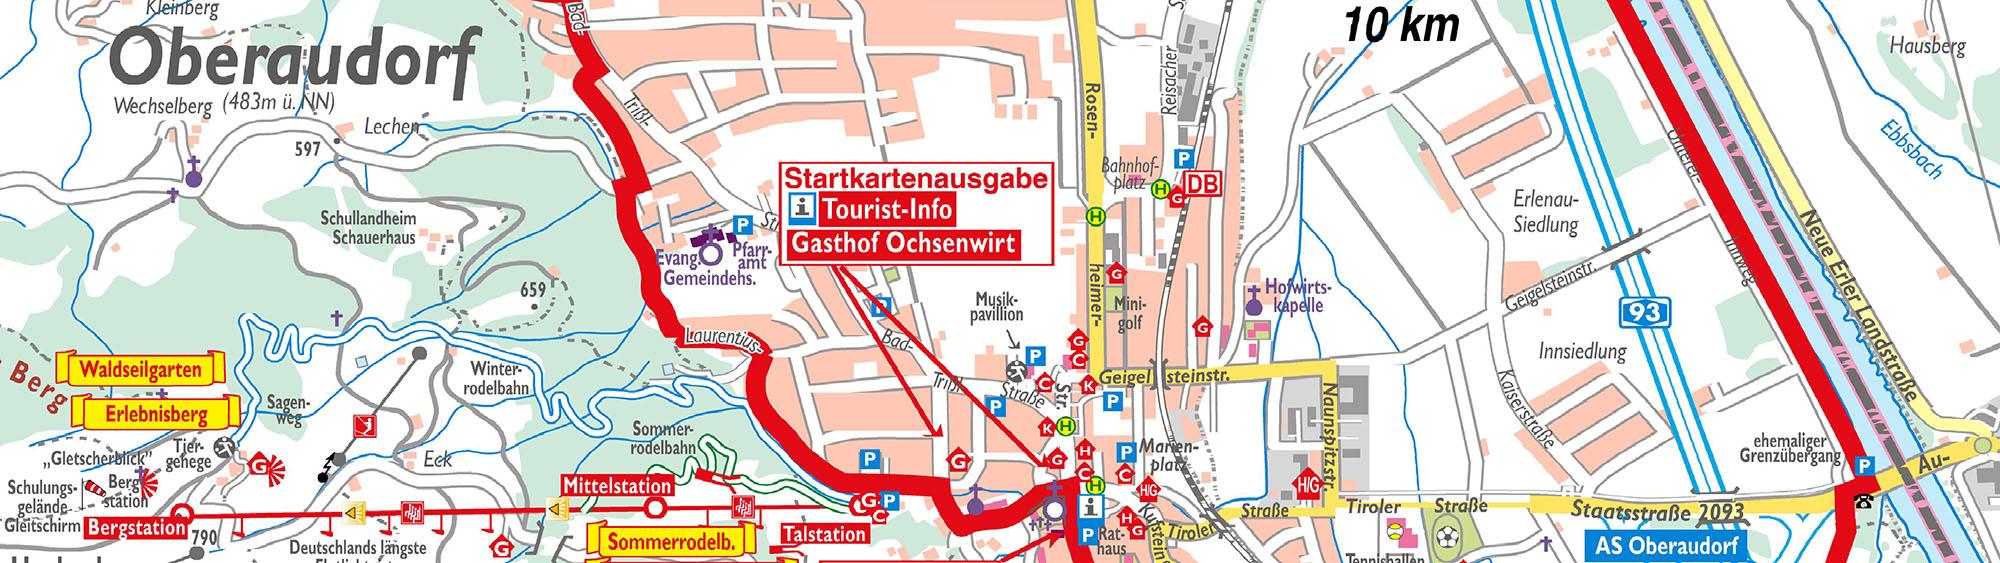 Karte Rundwanderweg